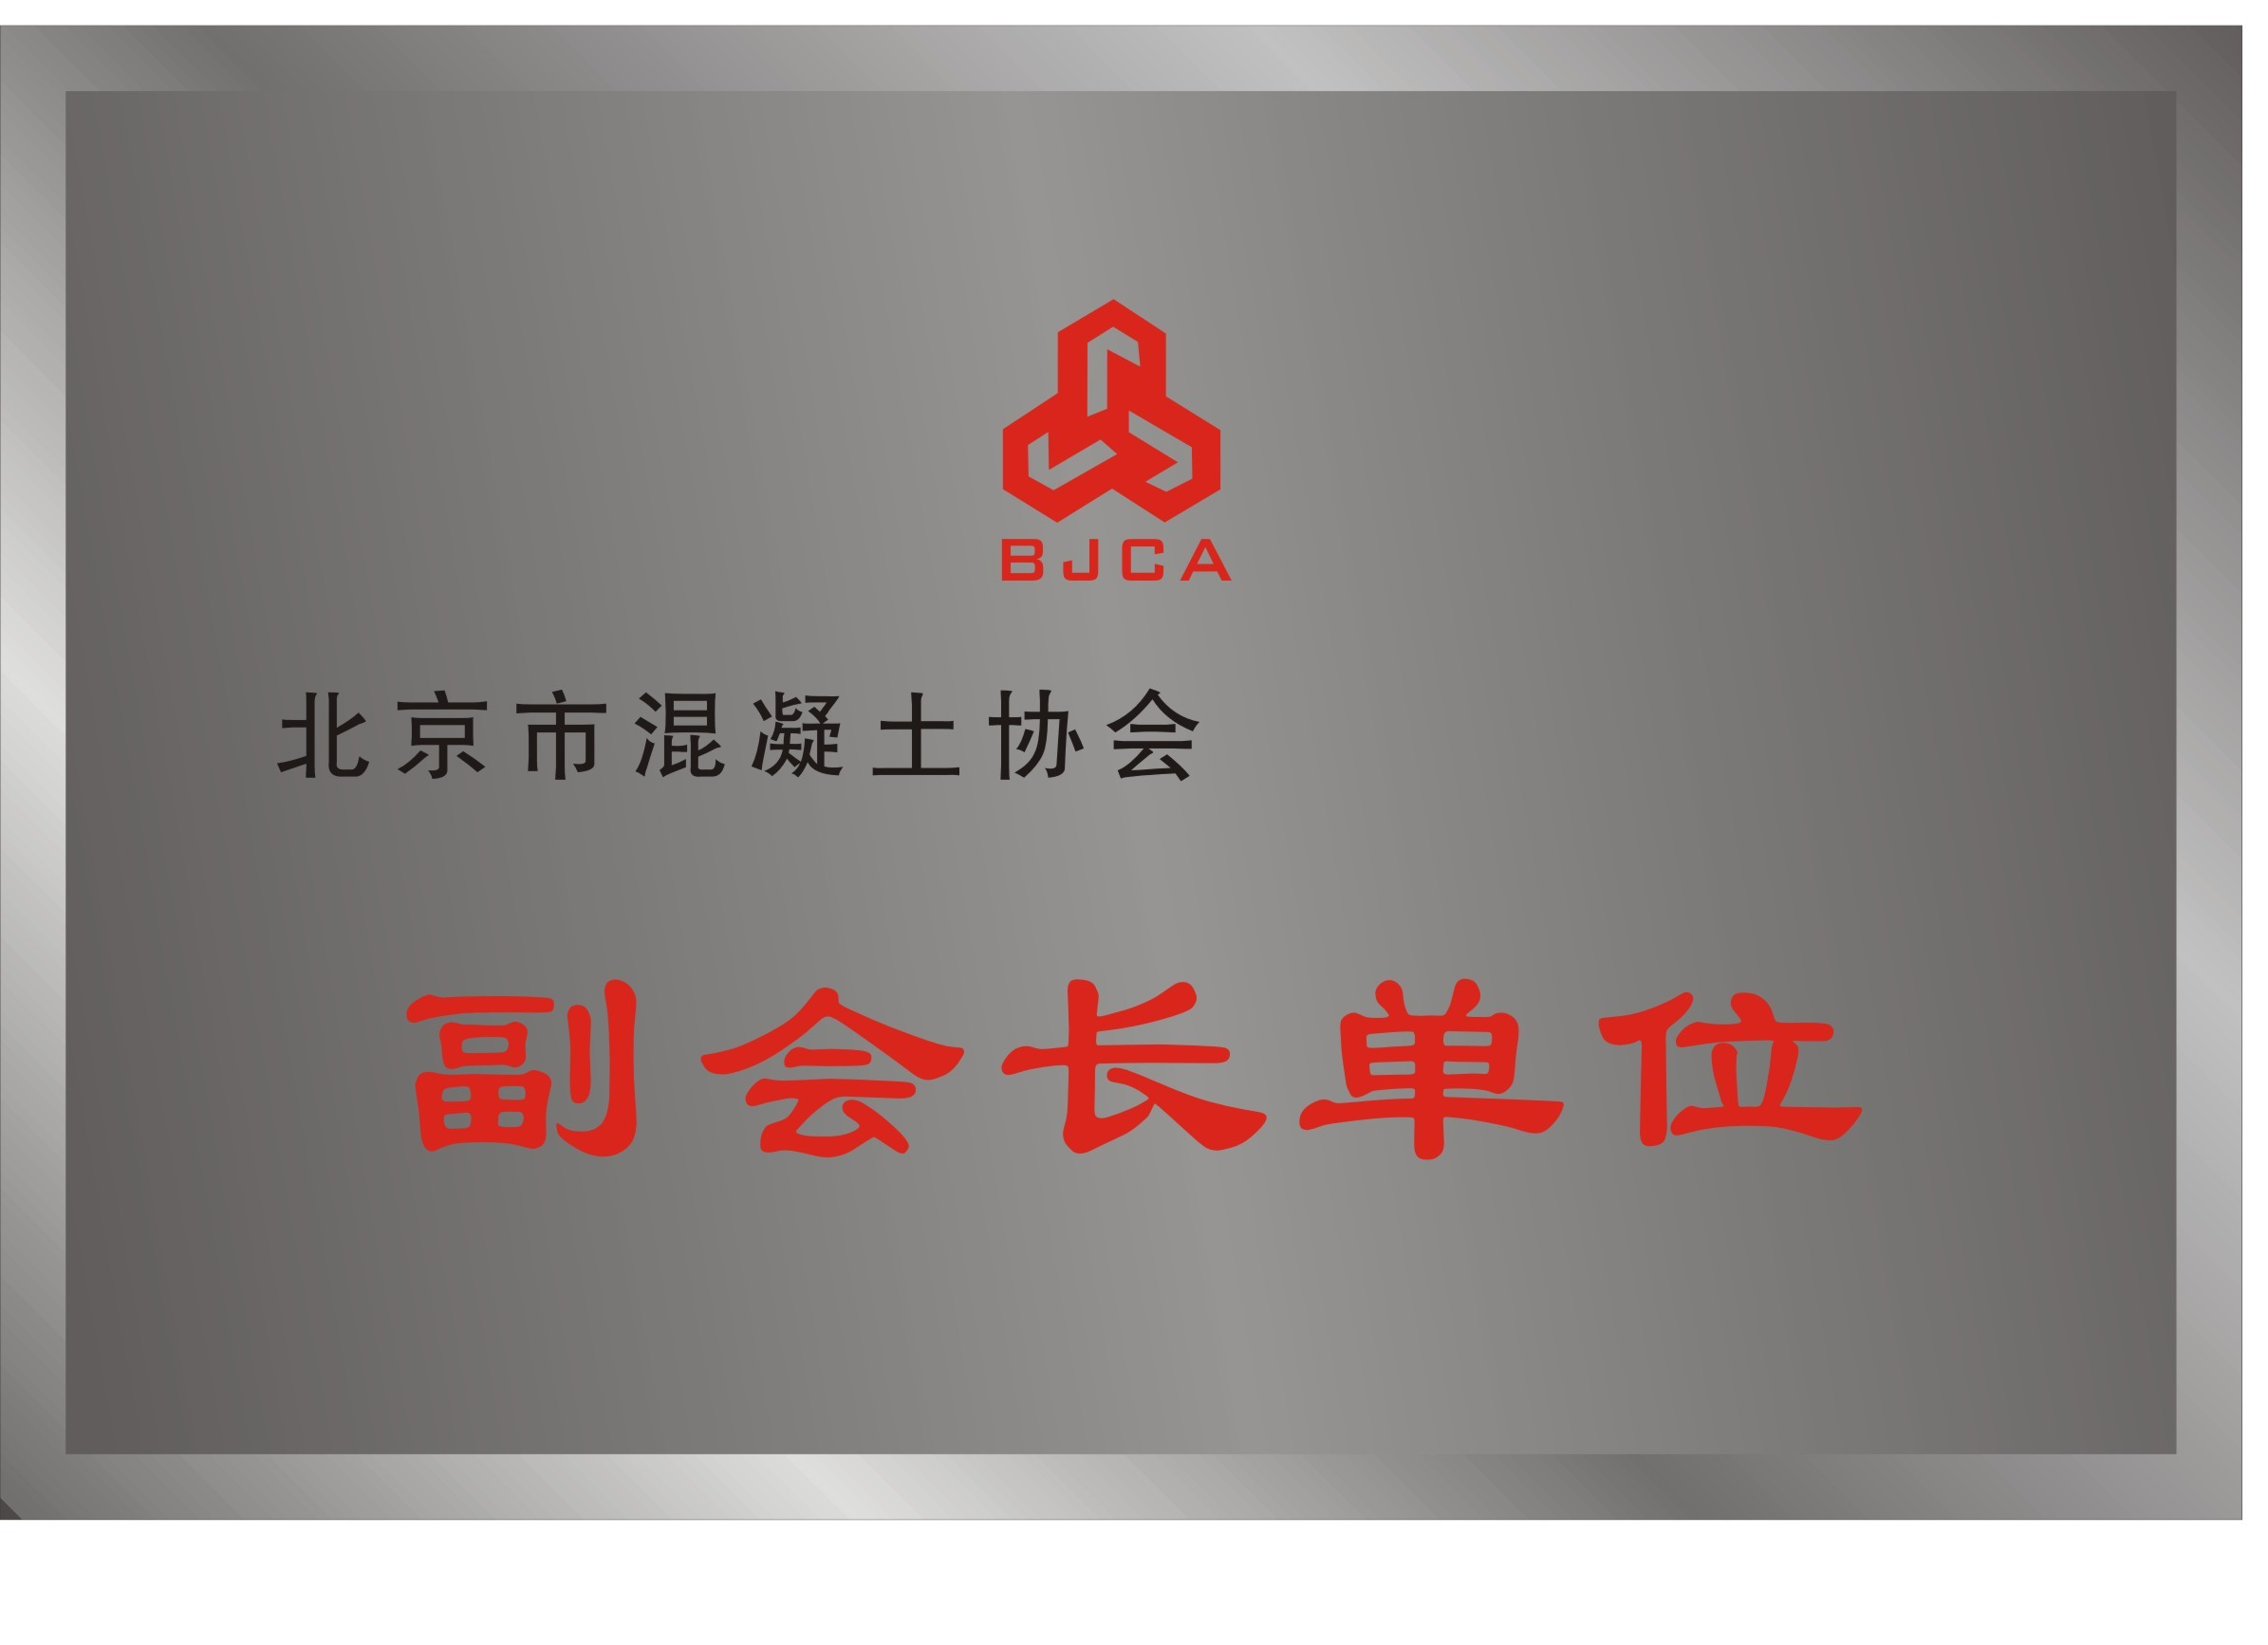 4.北京市混凝土协会副会长单位